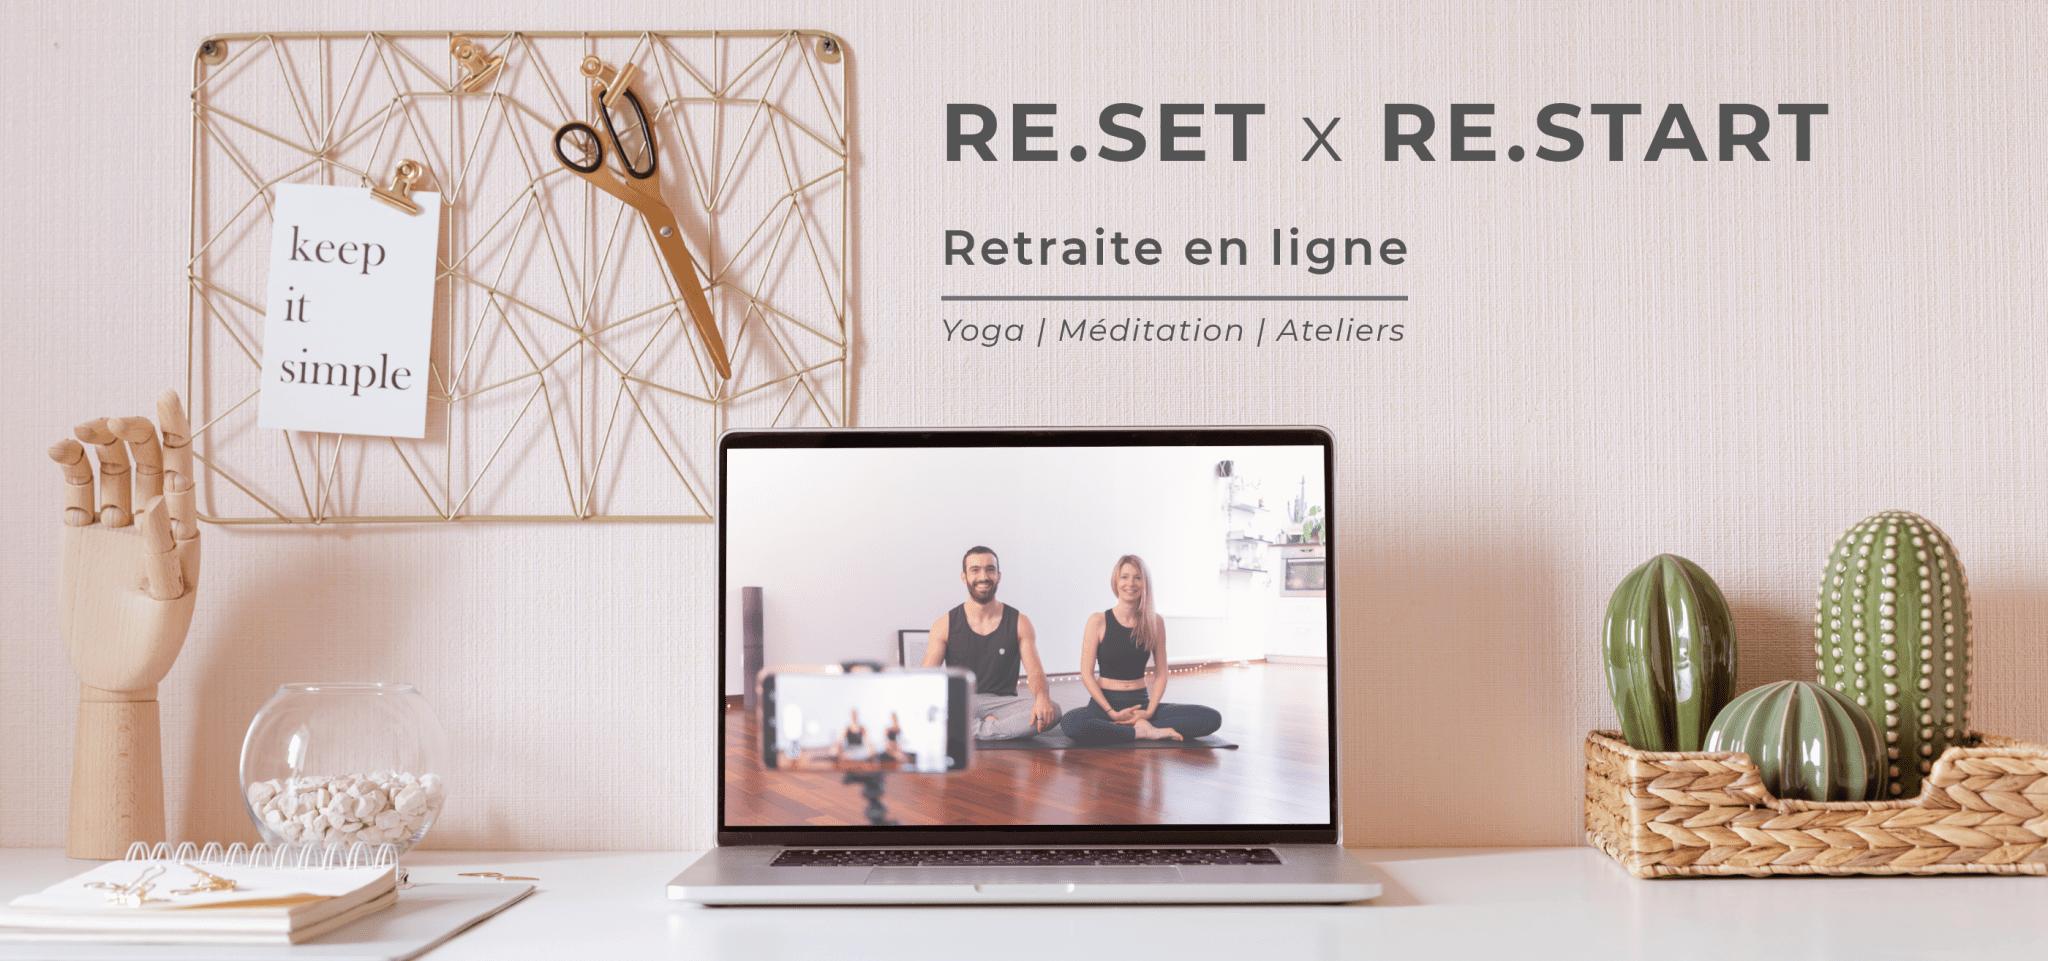 Re.Set / Re.Start header